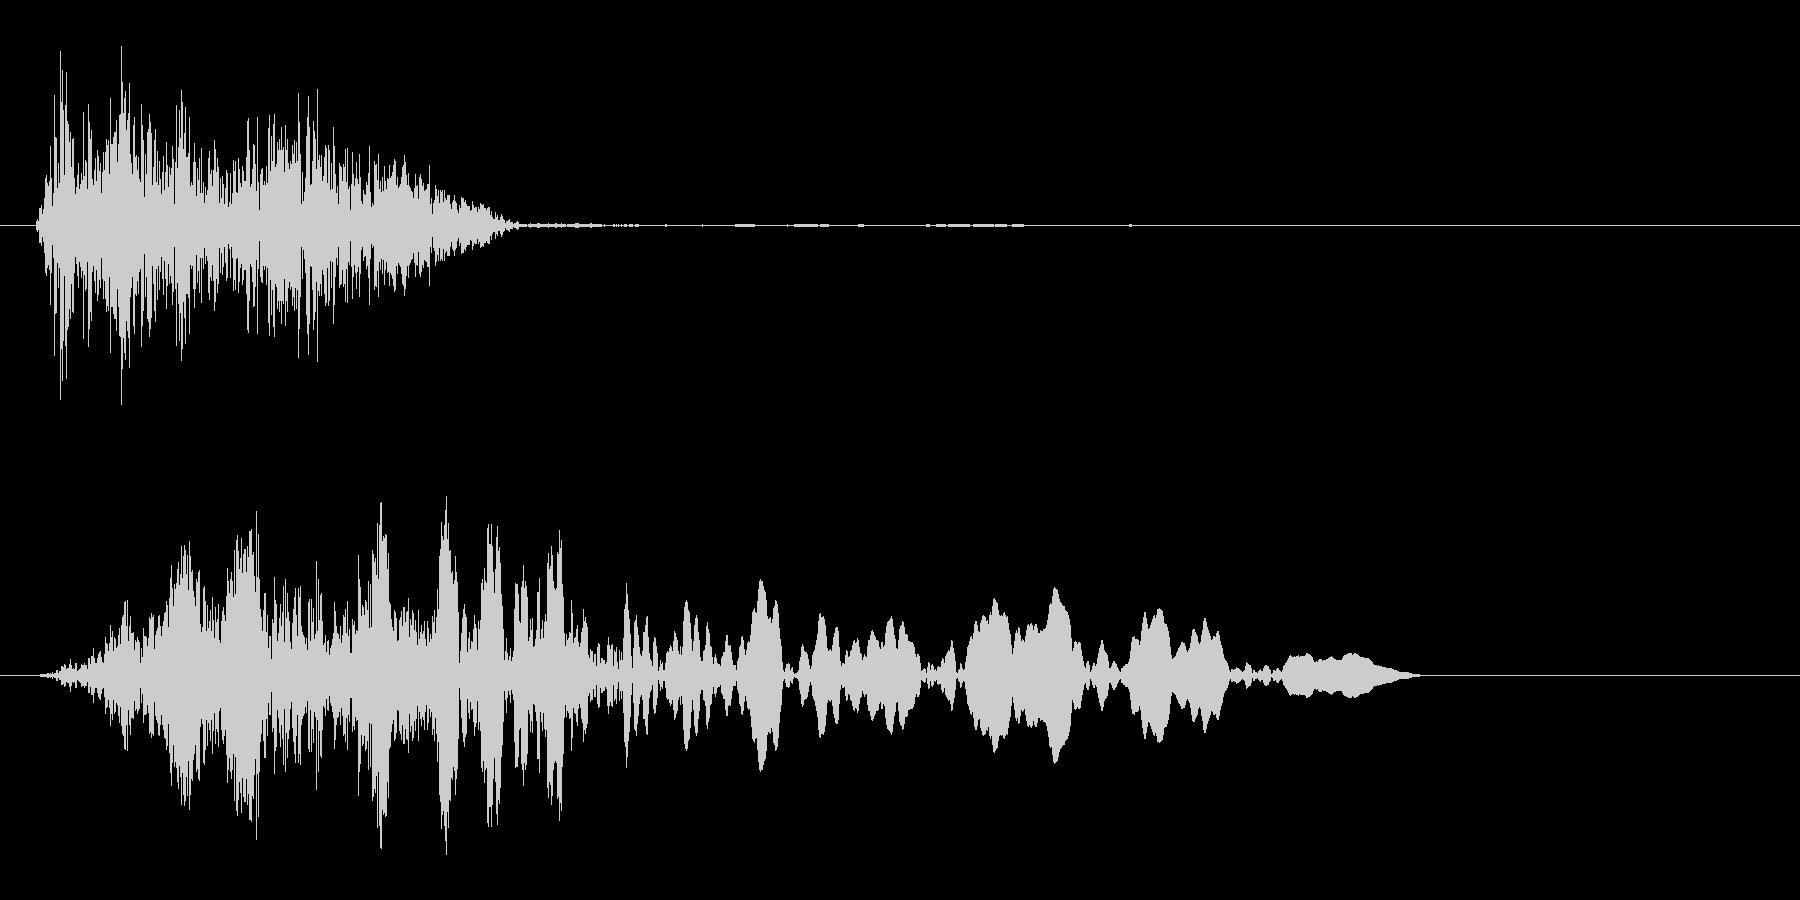 ヒュッ (スピード感のある空気音)の未再生の波形